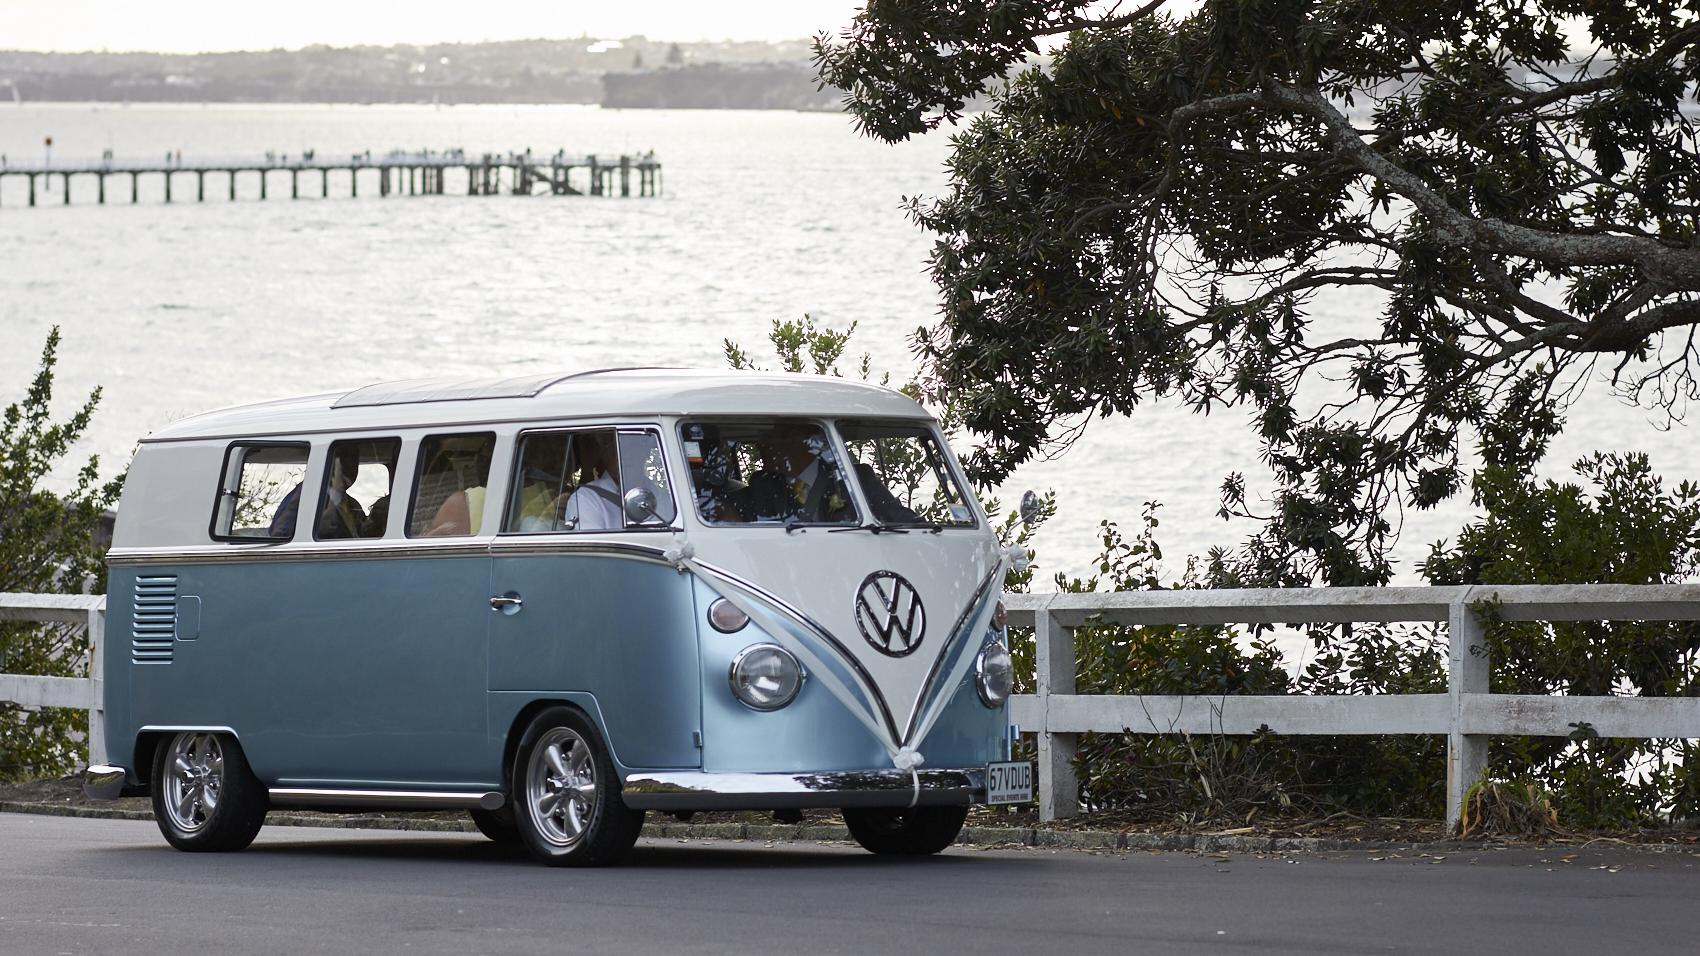 The kombi van